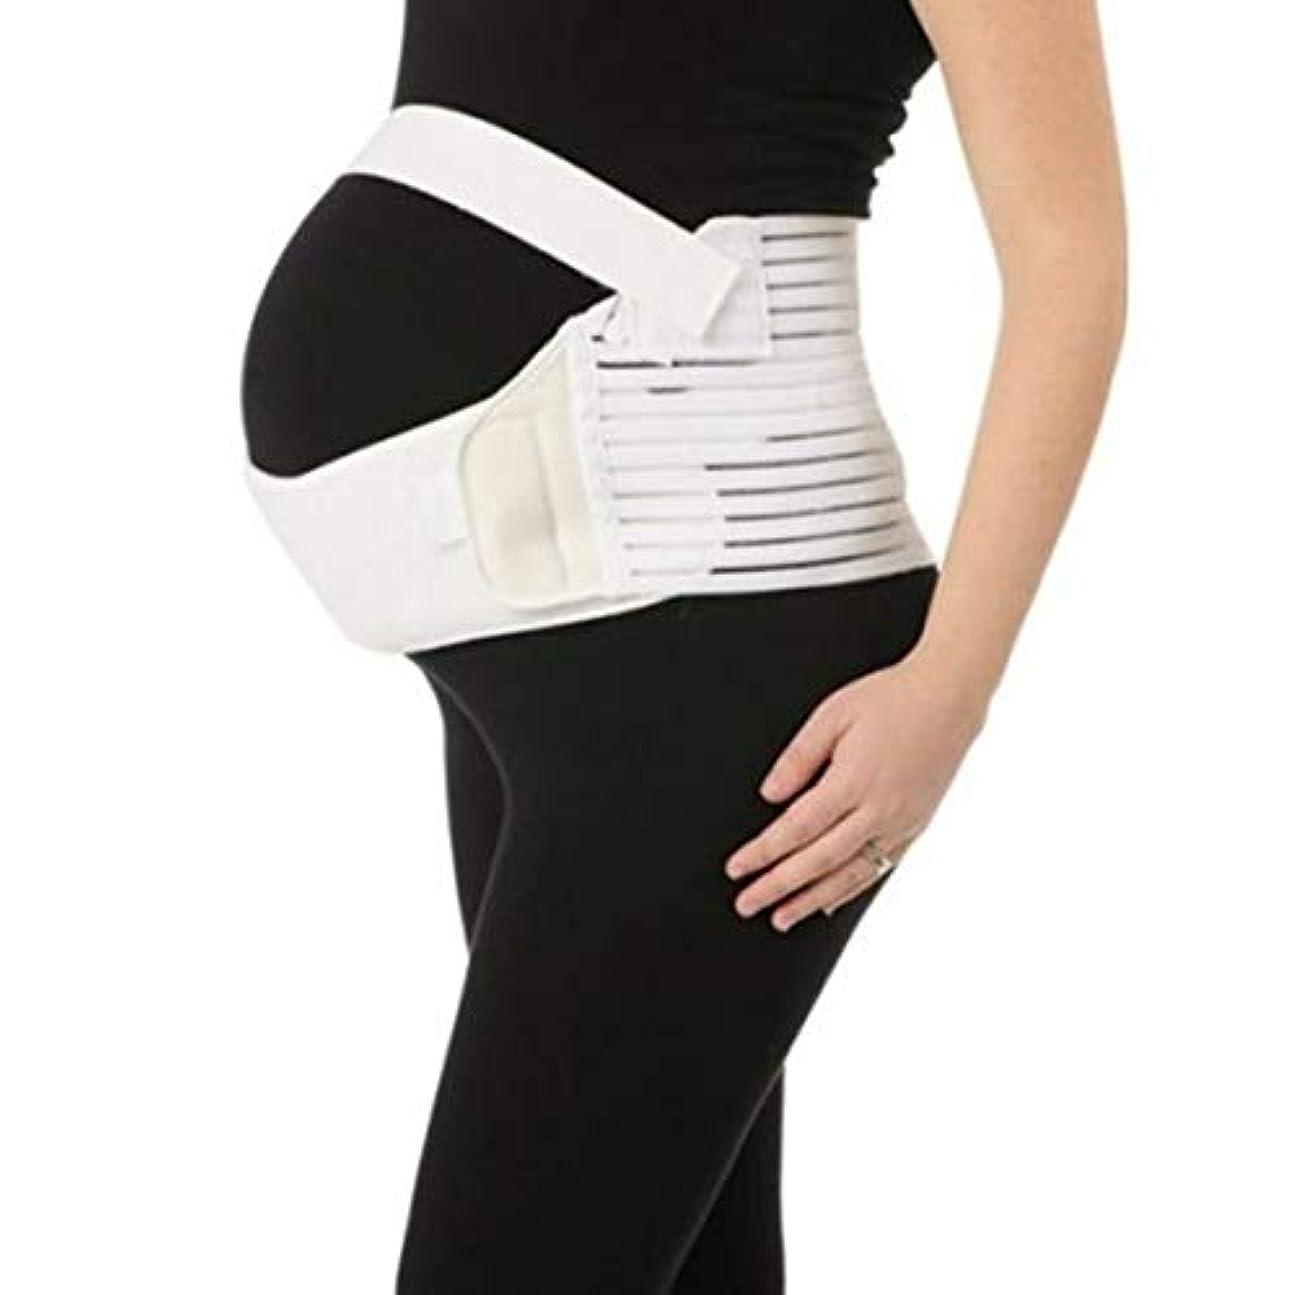 消毒剤要求する通信する通気性マタニティベルト妊娠腹部サポート腹部バインダーガードル運動包帯産後の回復shapewear - ホワイトL